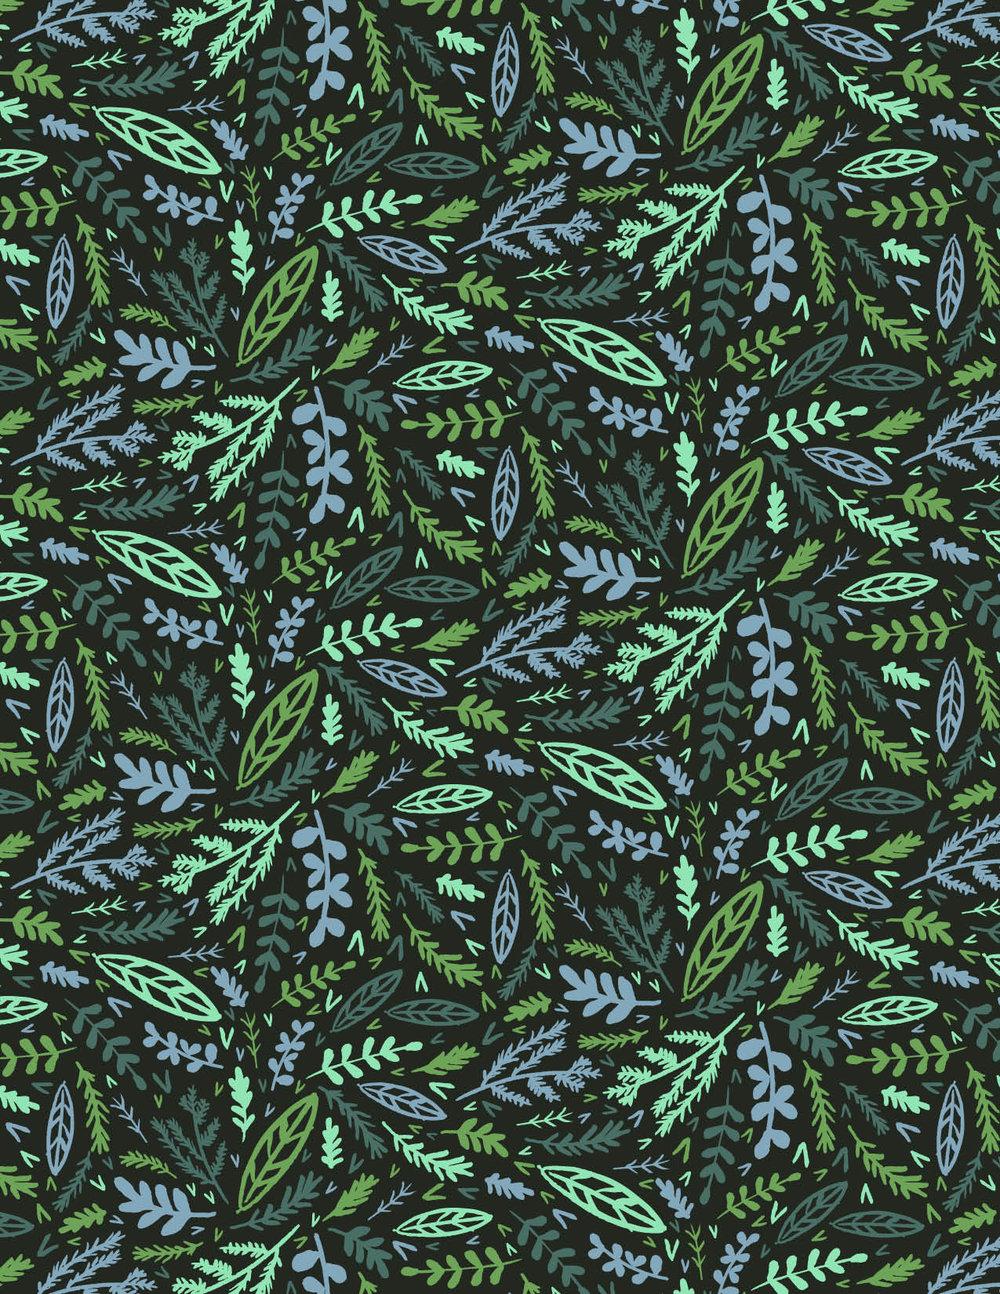 jessbruggink_pattern_352.jpg